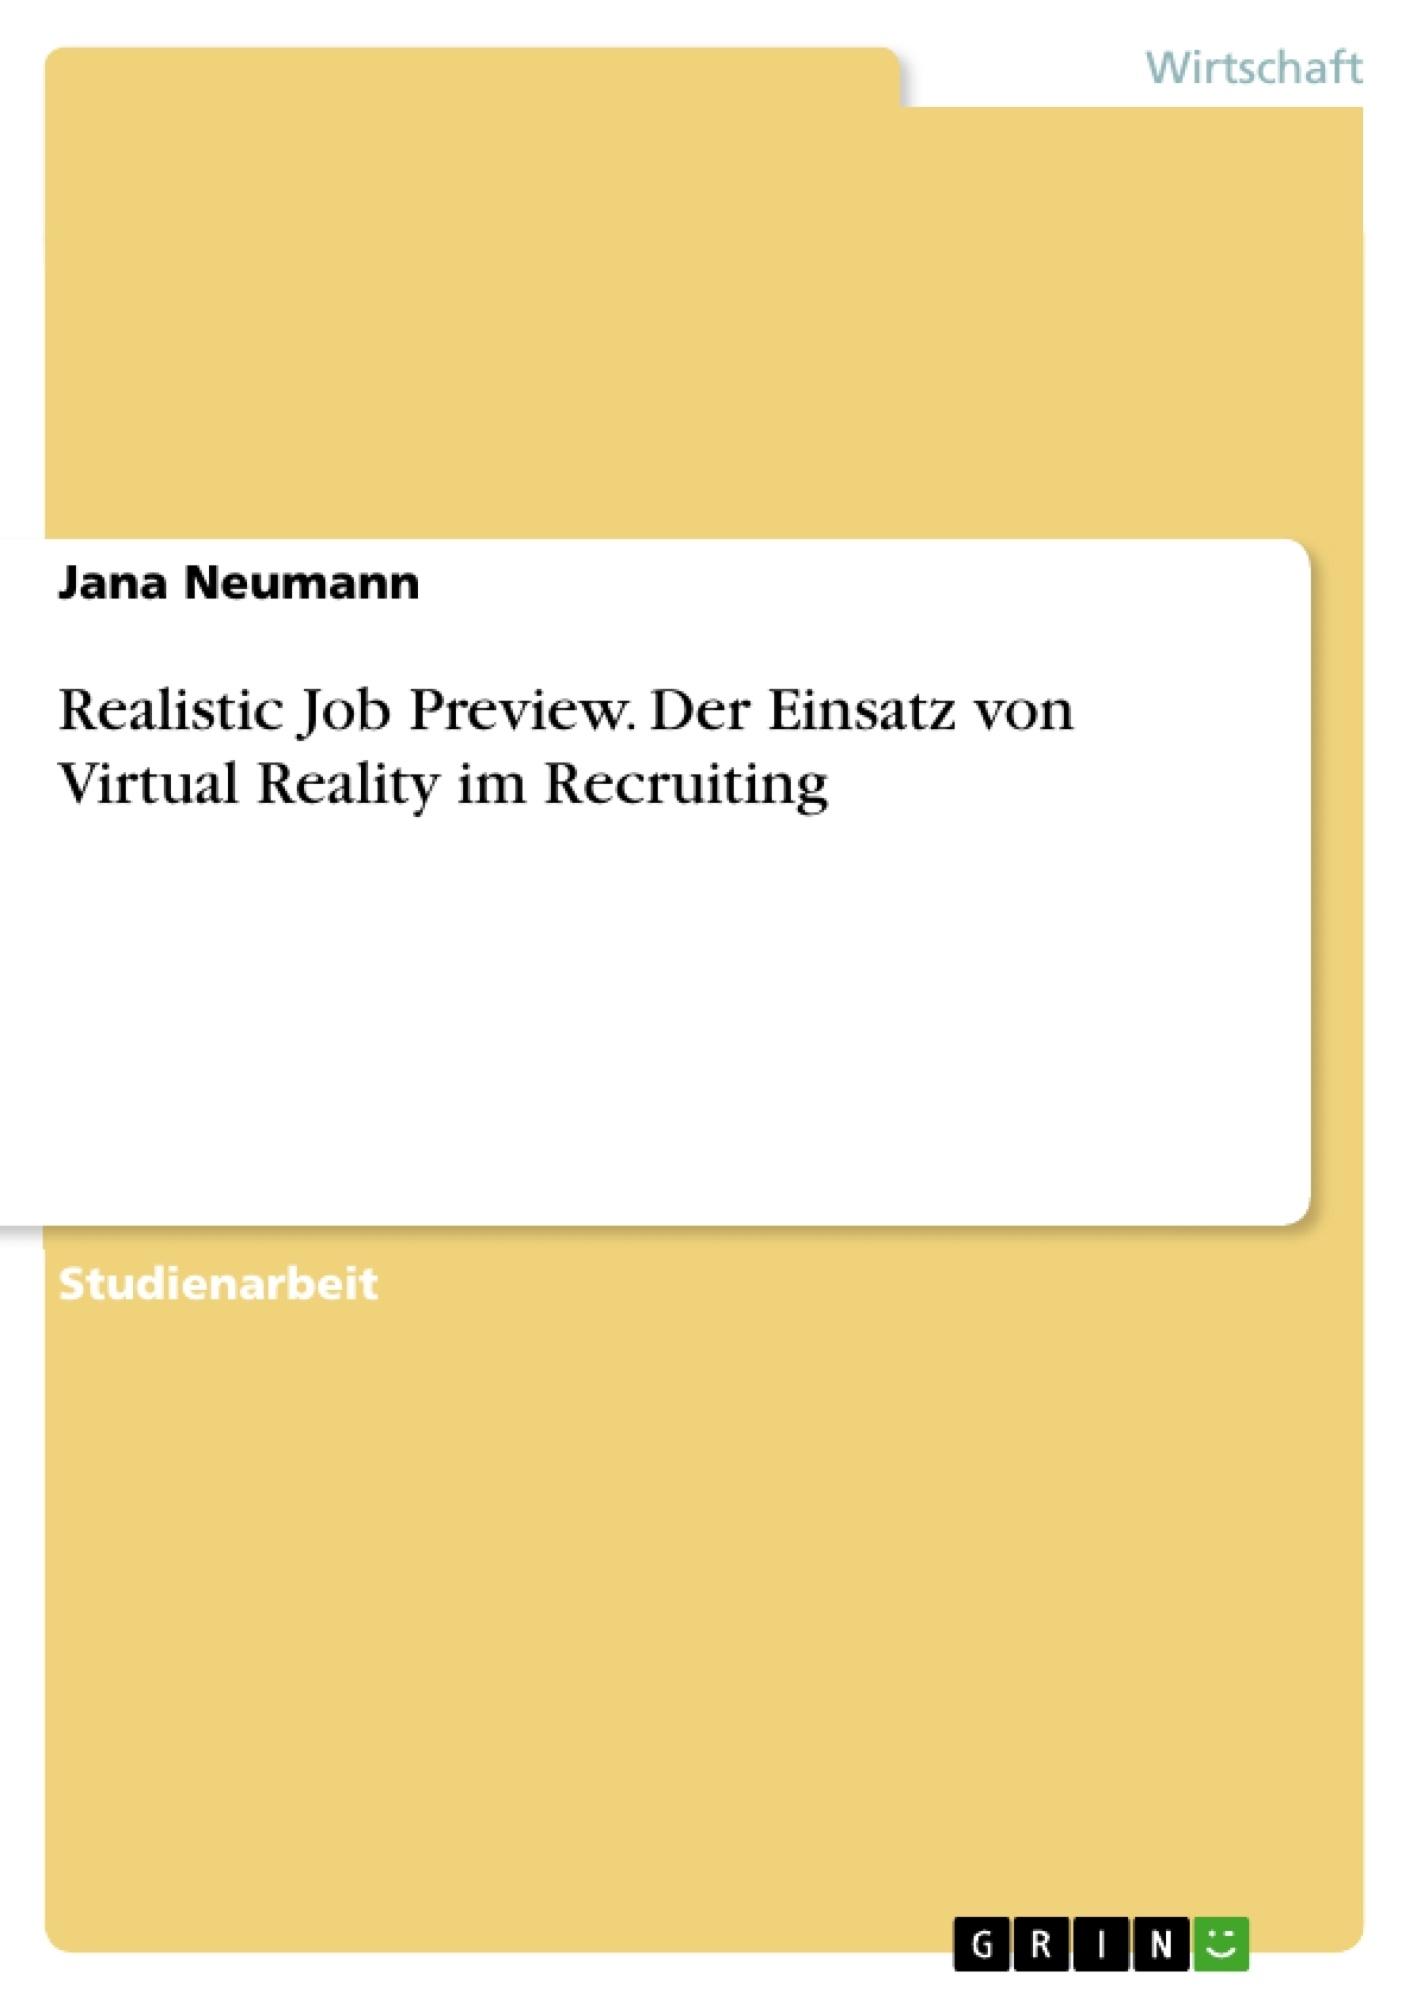 Titel: Realistic Job Preview. Der Einsatz von Virtual Reality im Recruiting